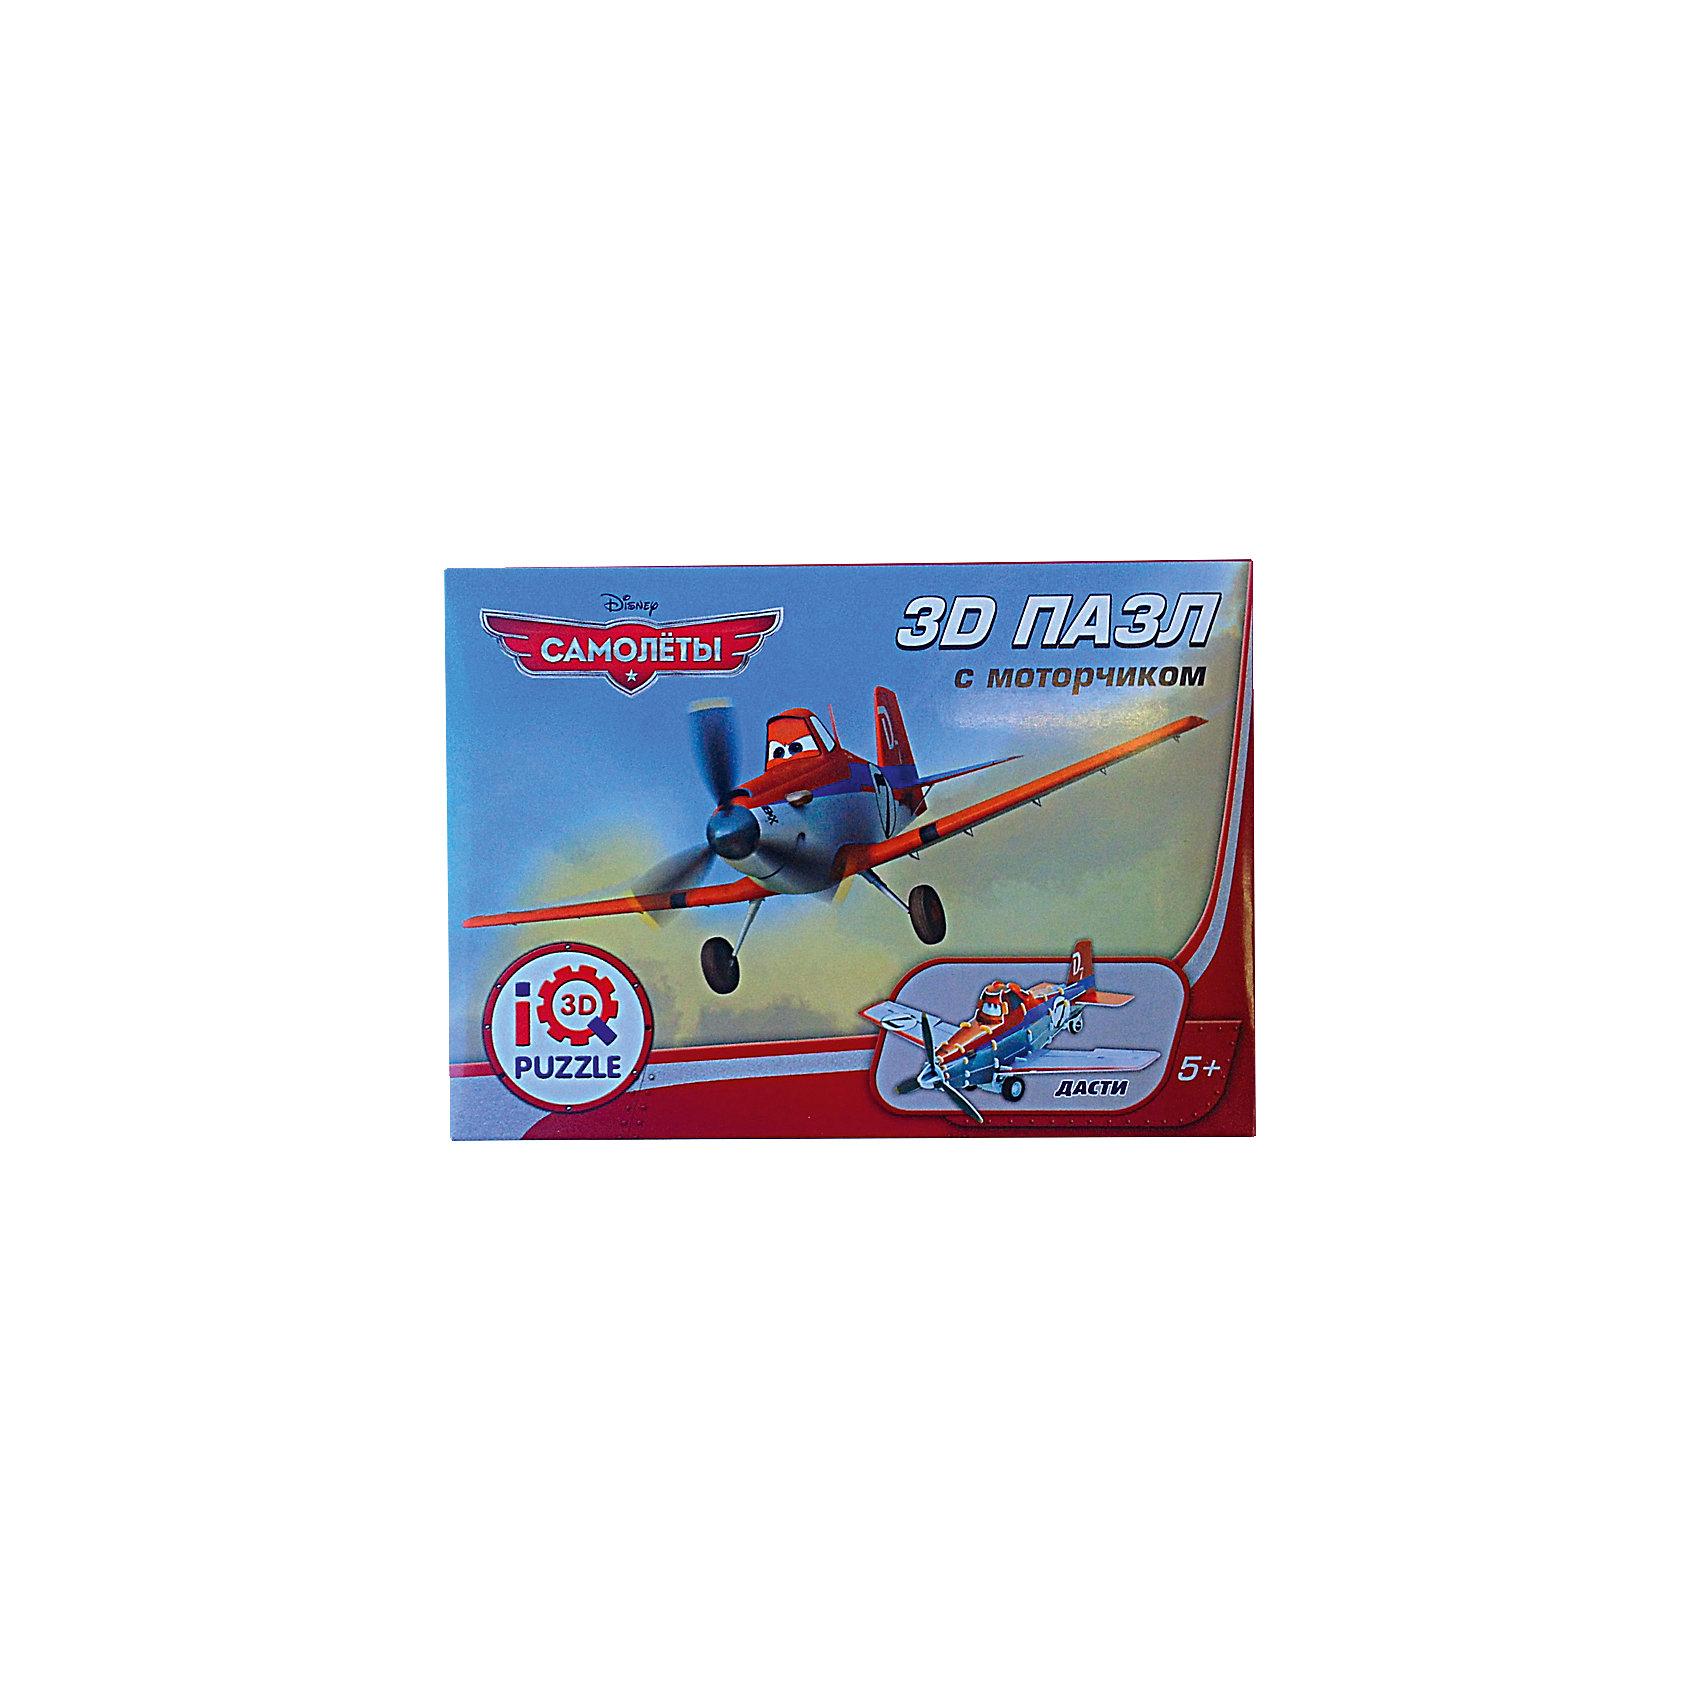 3D пазл Дасти с моторчиком, 24 детали, СамолетыЭто не просто пазл, это целая игрушка, любимый мульт-персонаж - Дасти. С помощью настоящих объемных колес самолет будет быстро передвигаться. Собери всех героев знаменитого мультфильма, устраивай настоящие гонки, проигрывай любимые эпизоды или придумывай свои новые истории. Все детали игрушки выполнены из высококачественного пластика, части пазла имеют надежные крепления, легко собираются, покрыты слоем пластика для еще большей долговечности.  Самолет оснащен инерционным механизмом. Собирание пазлов способствует развитию мелкой моторики, образного и логического мышления. Без дополнительных инструментов и посторонней помощи ваш ребенок сможет сам создать красивый и яркий автомобиль. <br><br>Дополнительная информация:<br><br>- Материал: пластик, ламинированный пенокартон.<br>- Комплектация: детали пазла, колеса с инерционным механизмом, инструкция.<br>- Размер упаковки: 17х12 см.<br><br>3D пазл Дасти, с моторчиком, Самолеты, можно купить в нашем магазине.<br><br>Ширина мм: 170<br>Глубина мм: 30<br>Высота мм: 120<br>Вес г: 9999<br>Возраст от месяцев: 60<br>Возраст до месяцев: 120<br>Пол: Мужской<br>Возраст: Детский<br>Количество деталей: 24<br>SKU: 4038465